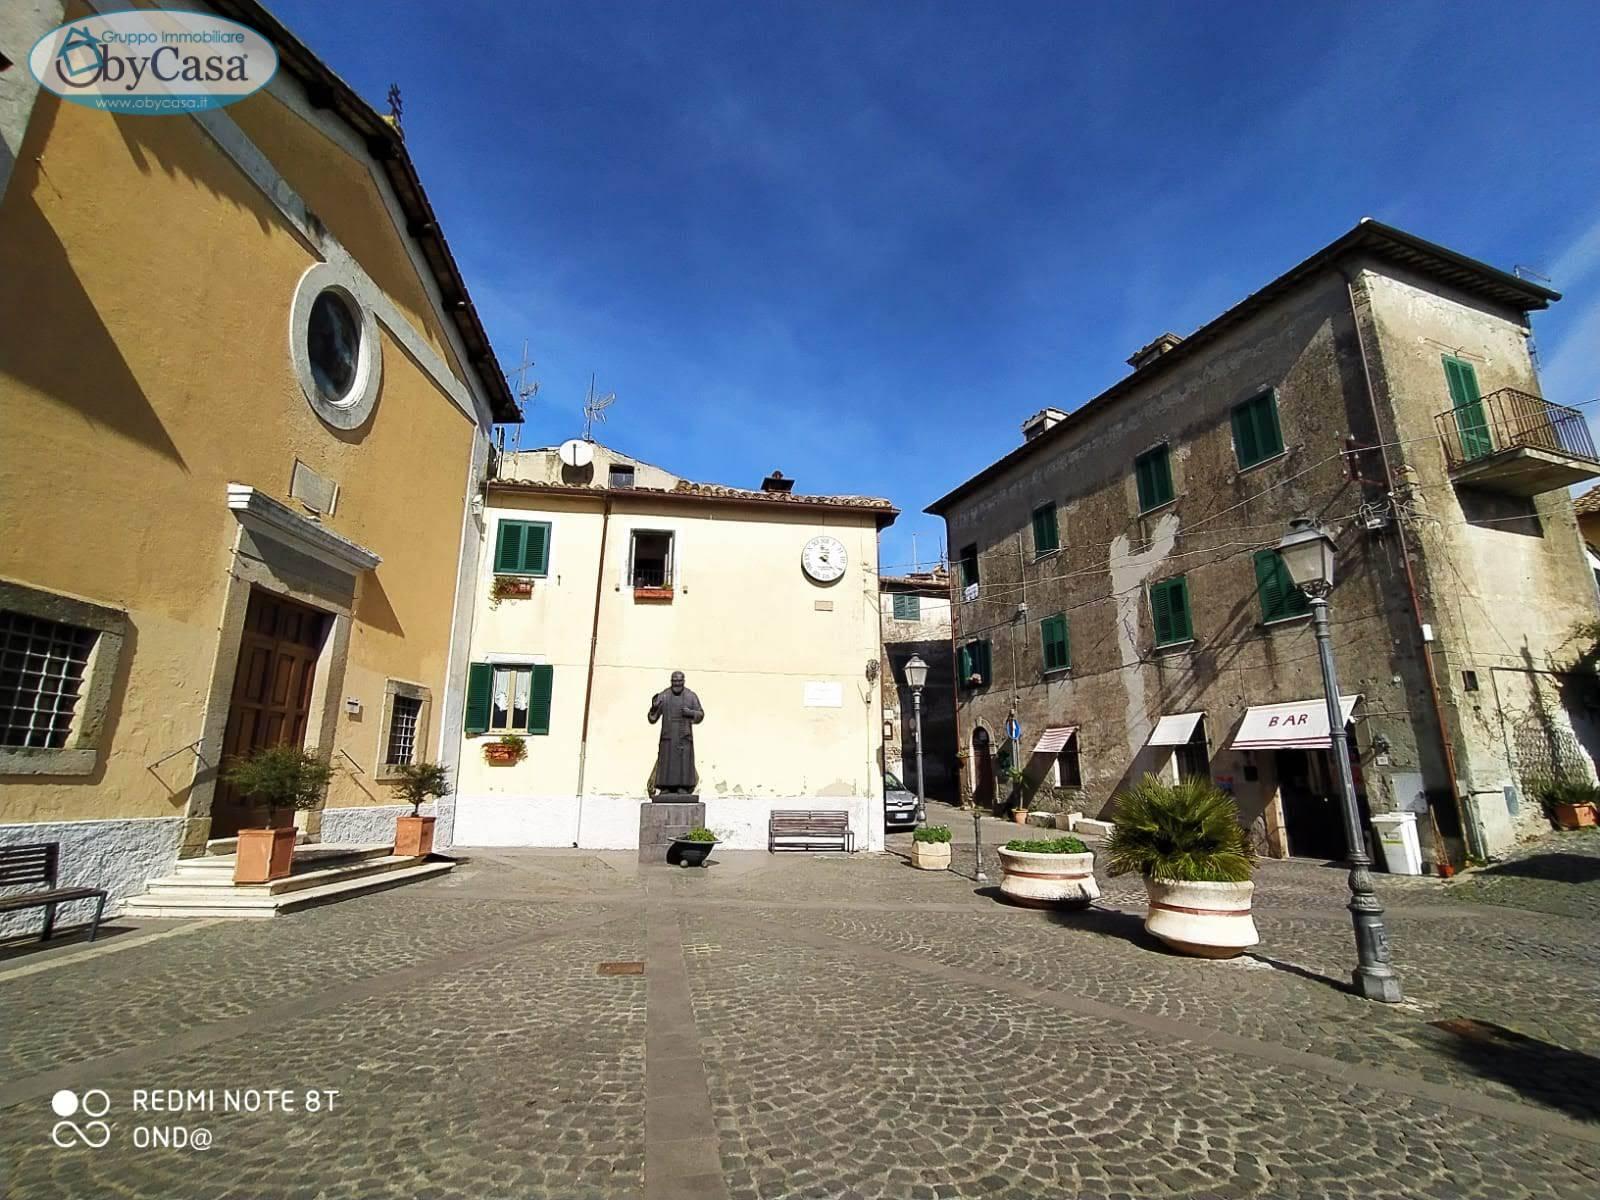 Appartamento in vendita a Manziana, 3 locali, zona Zona: Quadroni, prezzo € 90.000 | CambioCasa.it